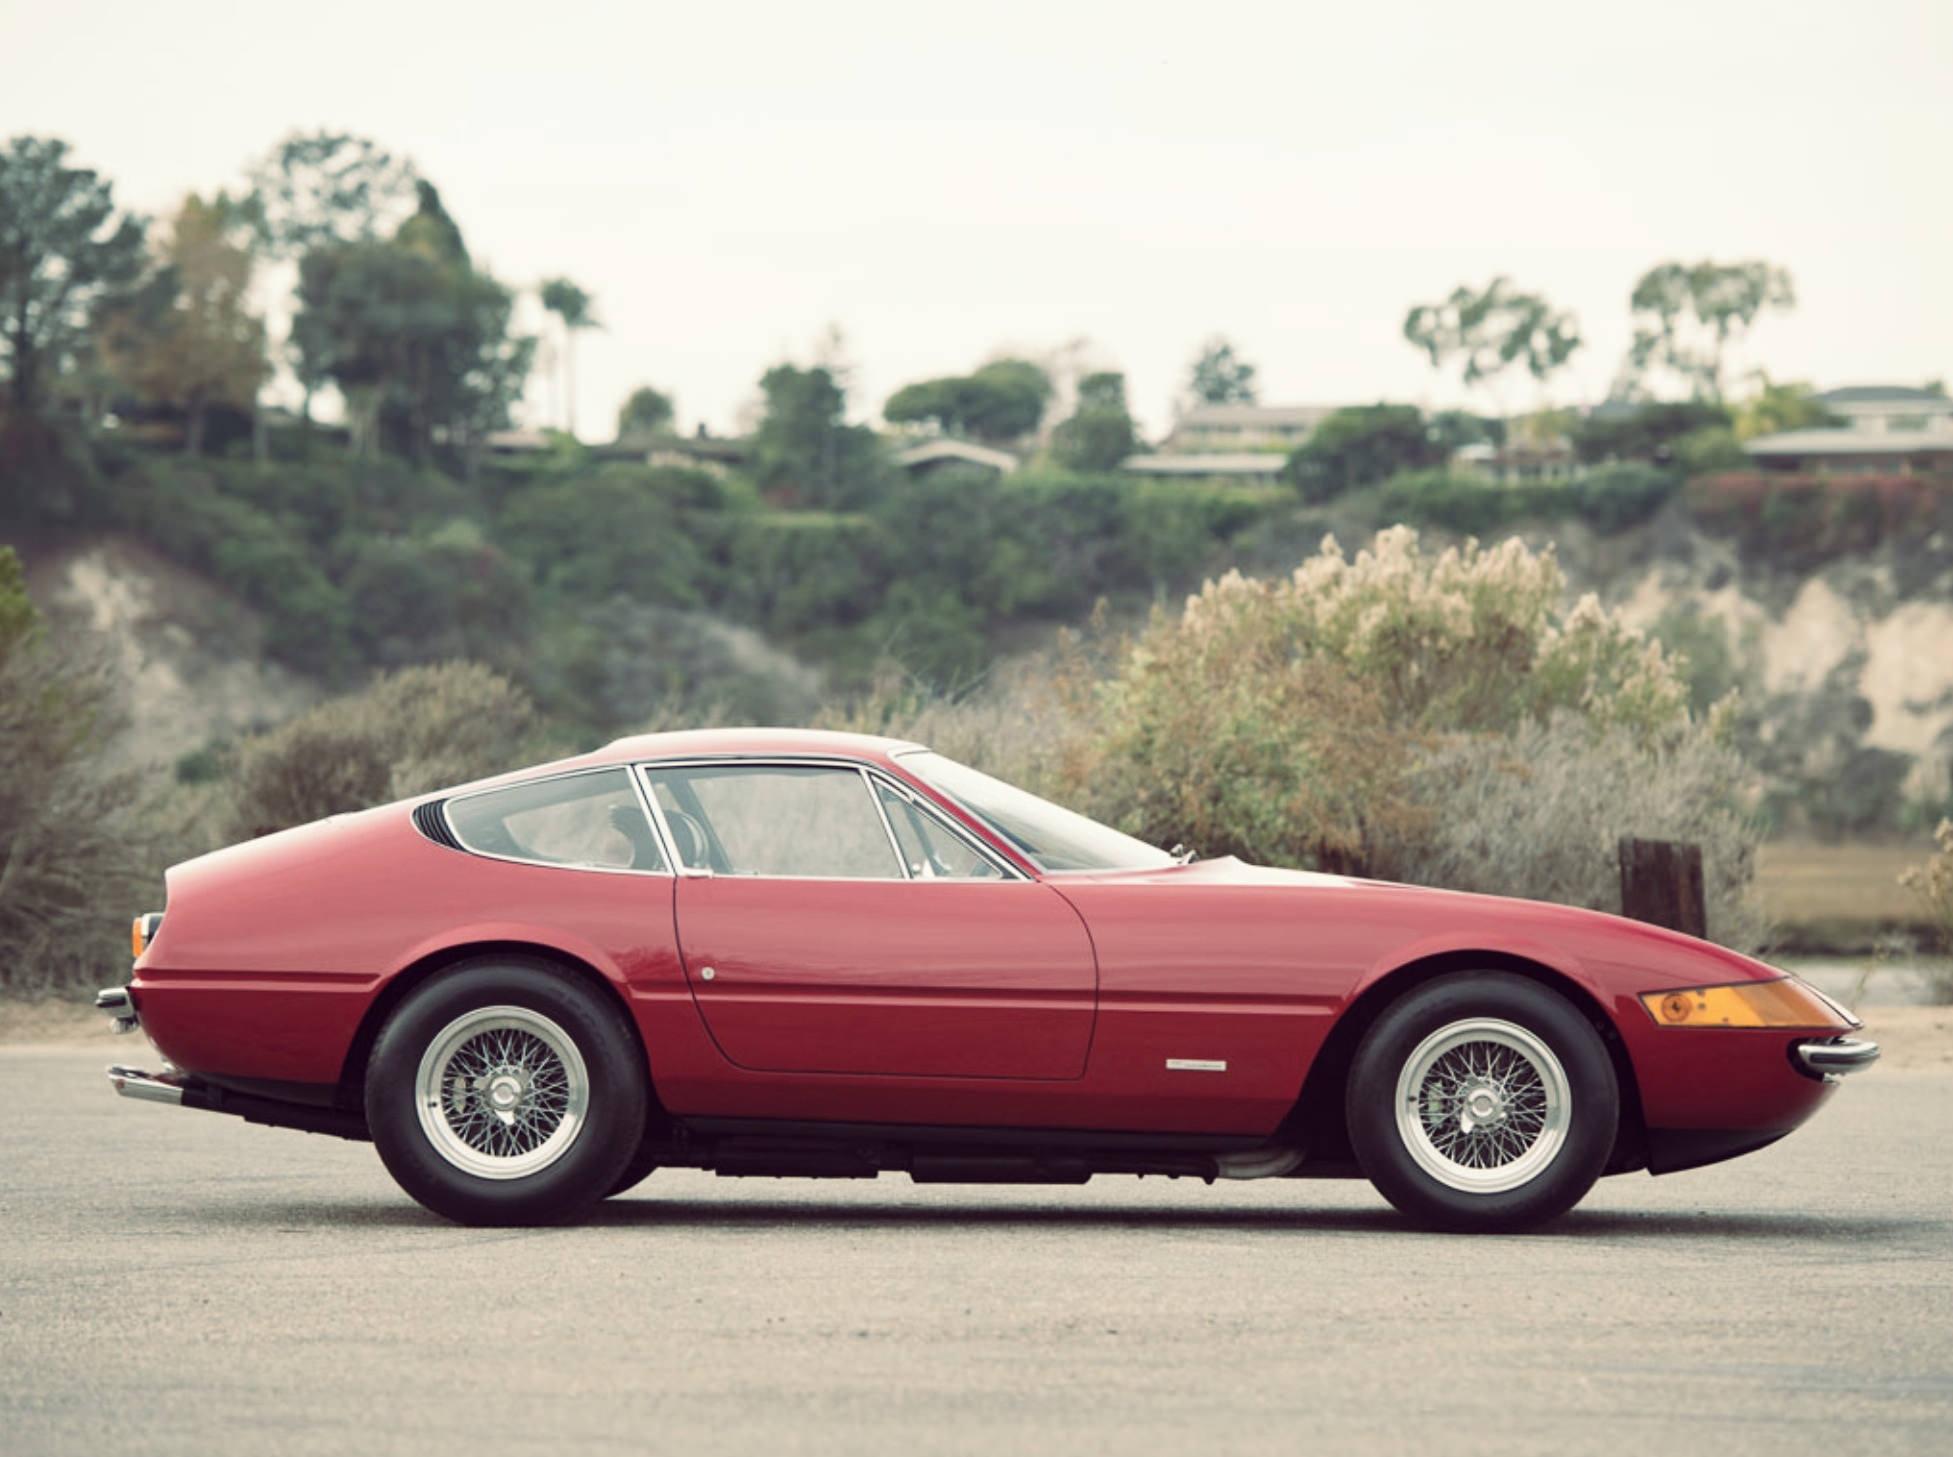 European car Repair, Restoration, and Sales.